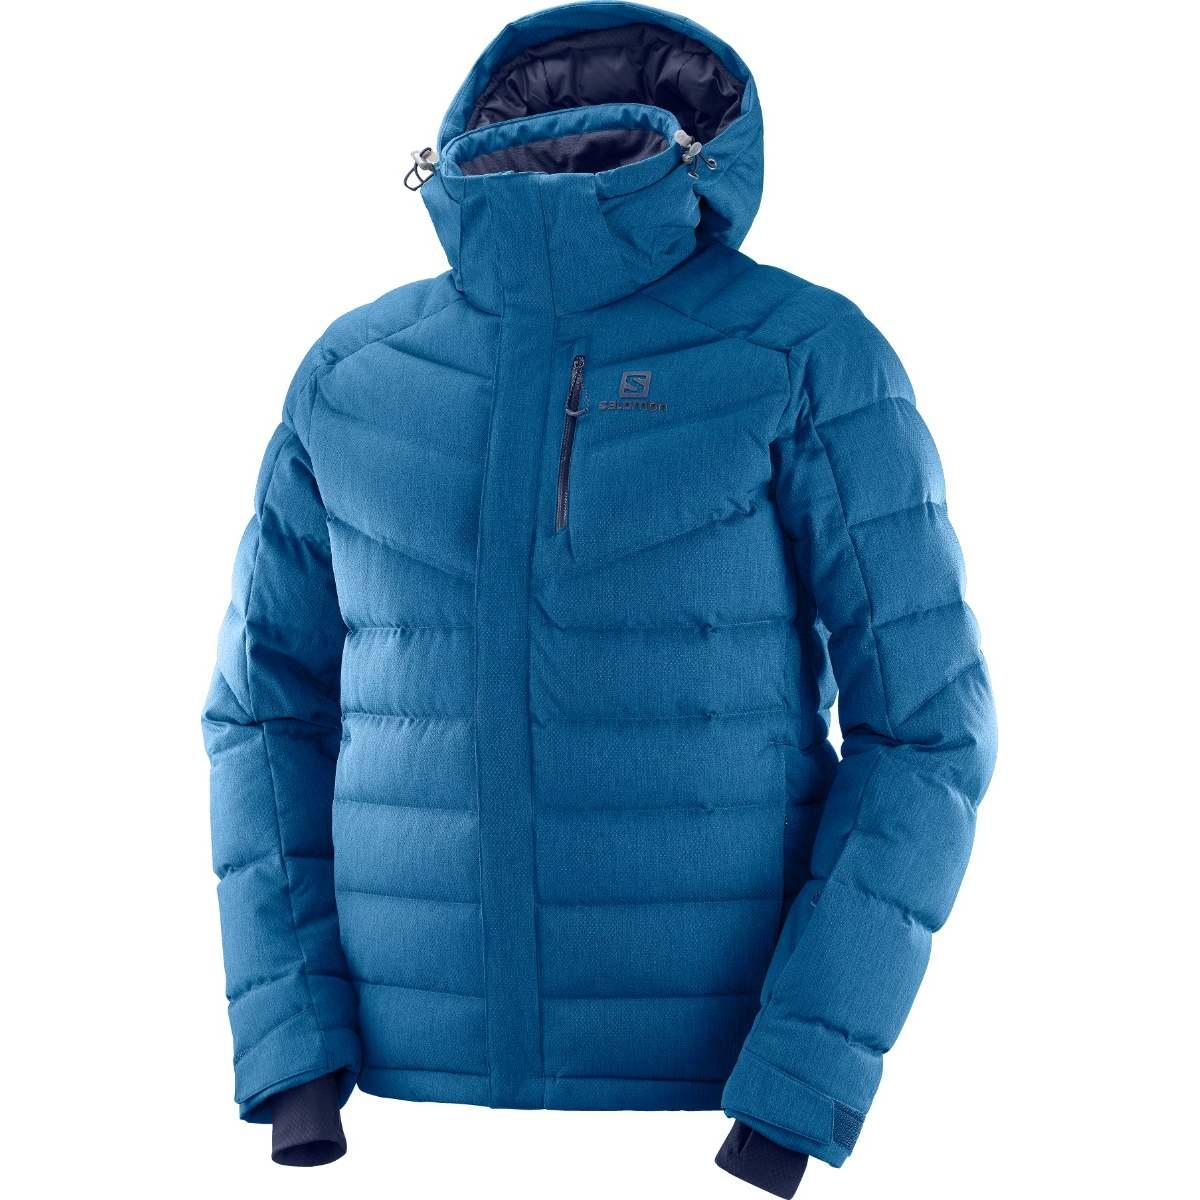 Salomon Geaca de ski Salomon ICETOWN - Albastru